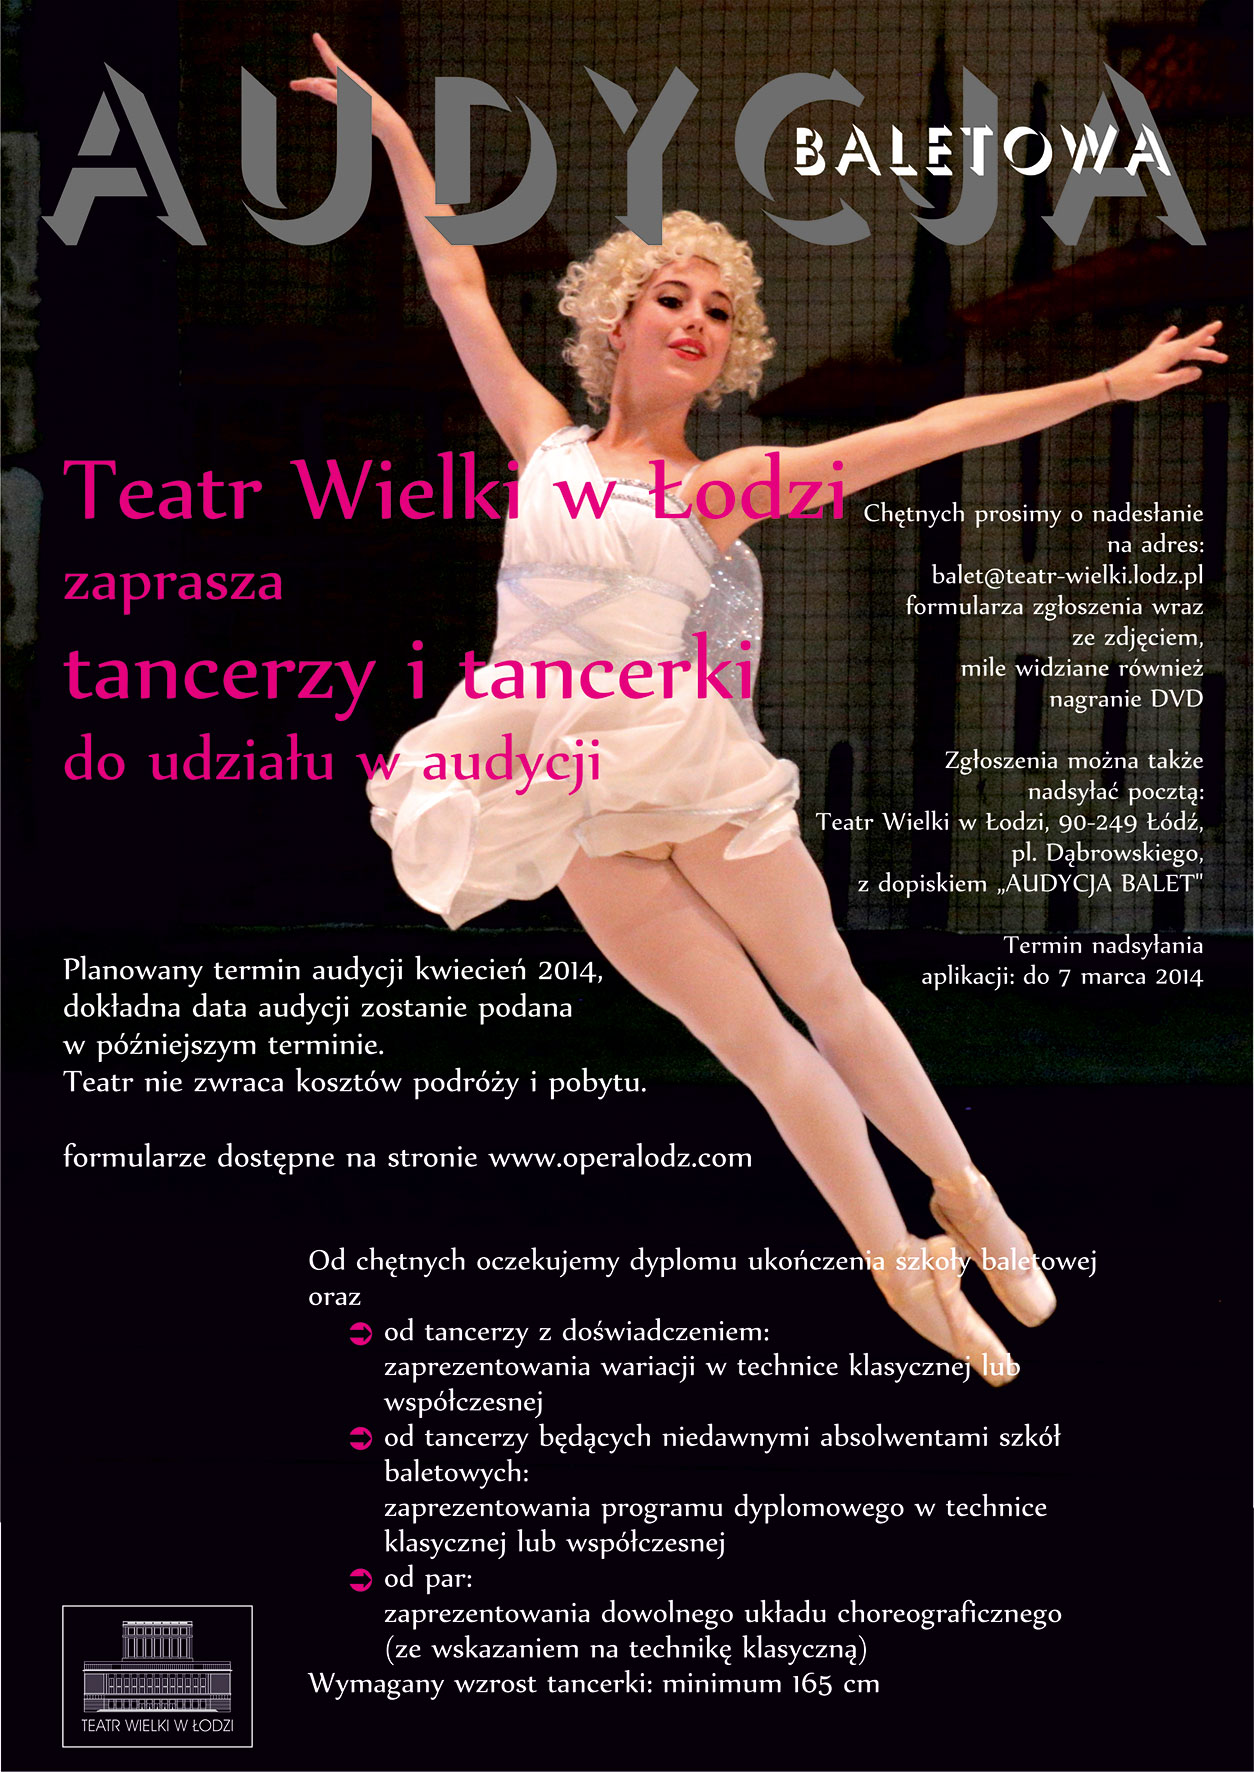 audycja_balet_new